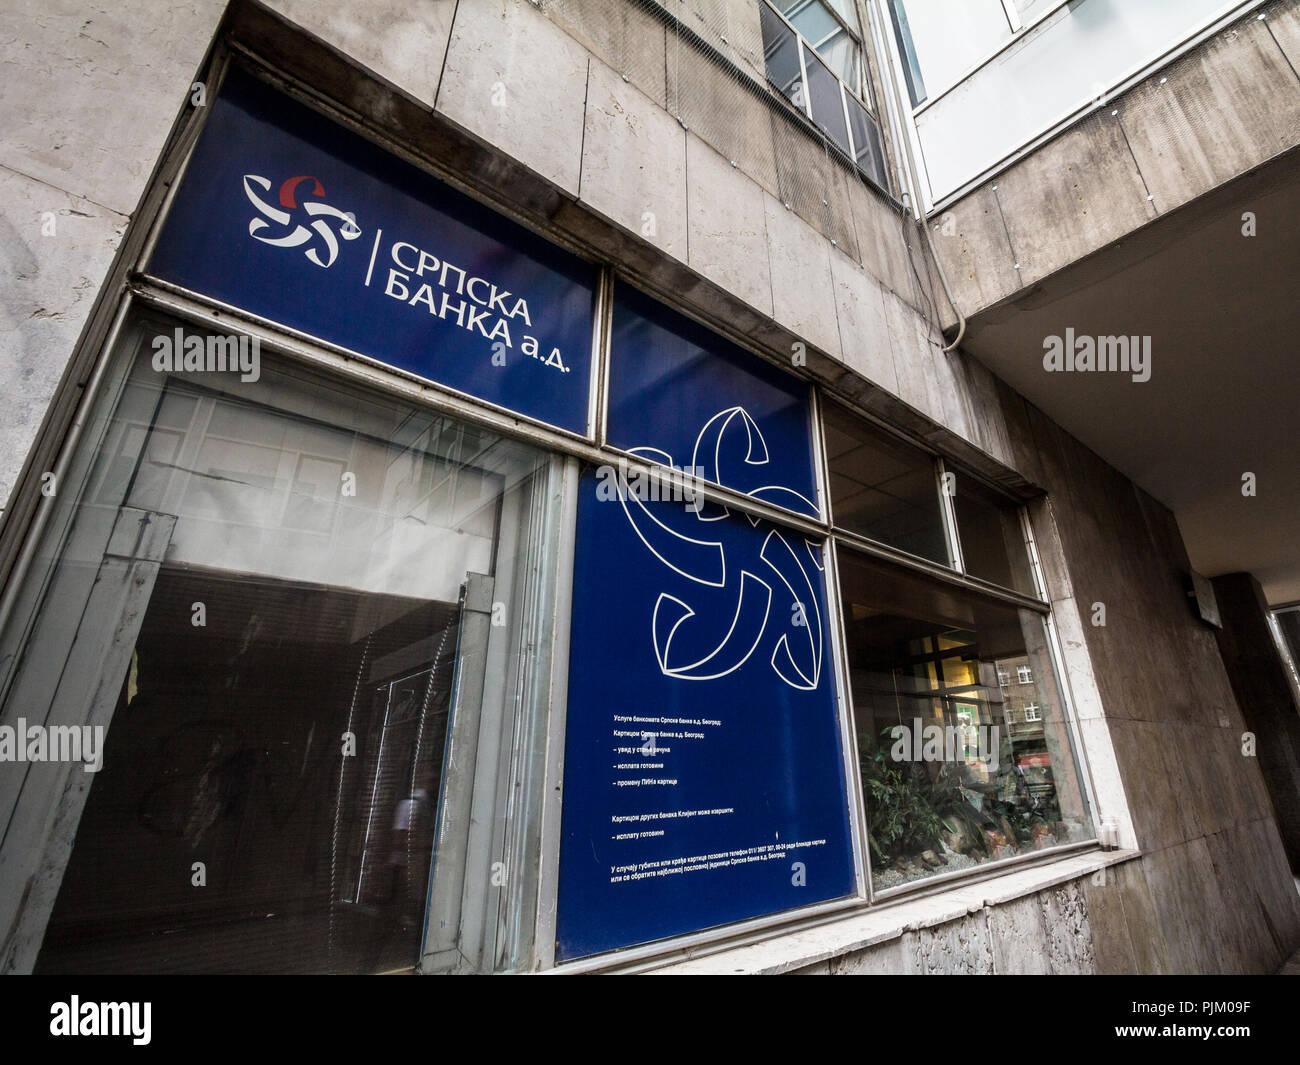 Belgrado, Serbia - Septiembre 5, 2018: Srpska Banka logotipo en su oficina principal en el centro de Belgrado. También conocido como Banco de Serbia, es uno de los principales Ser Foto de stock